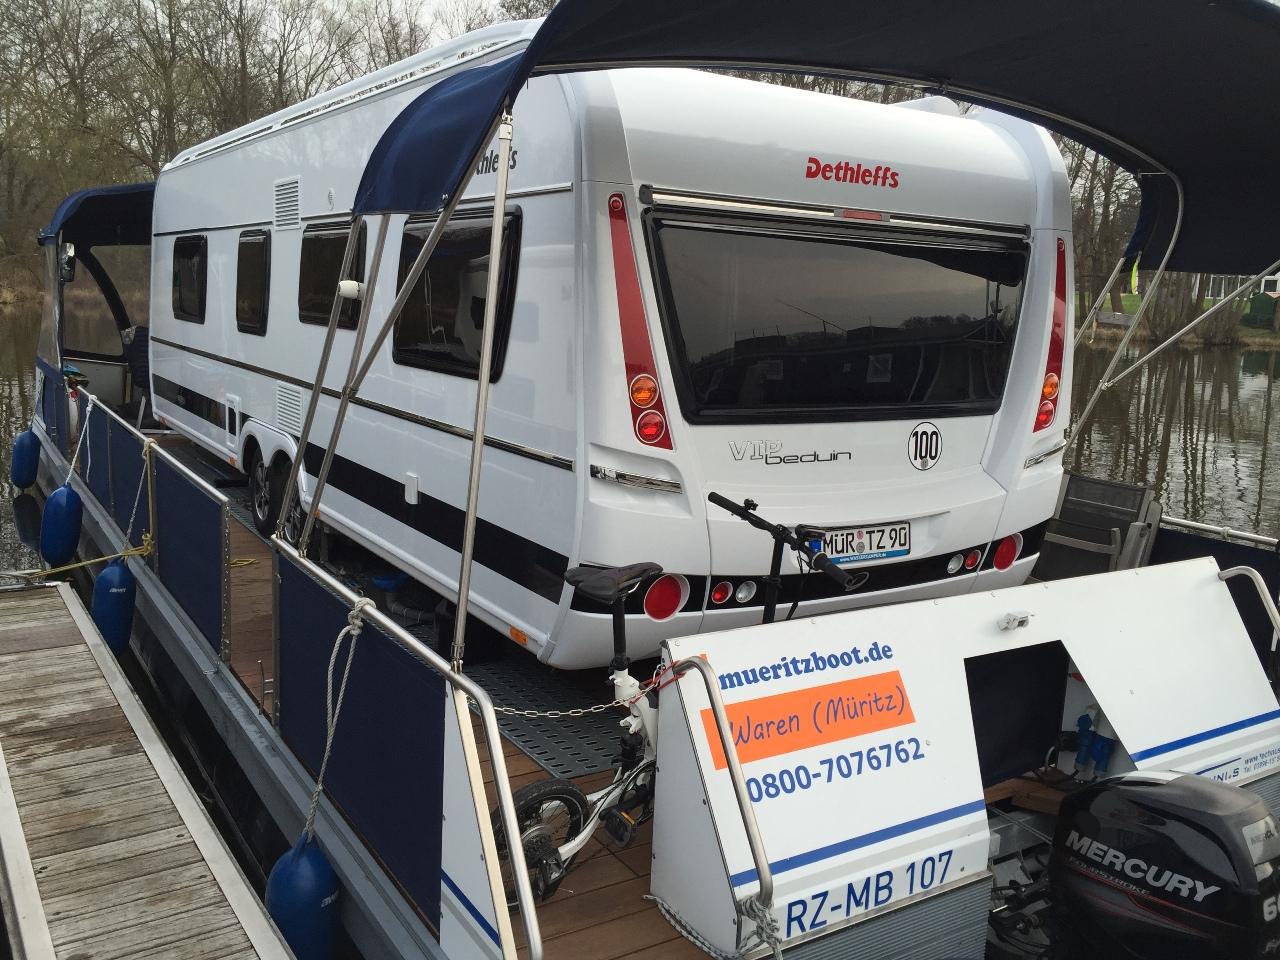 Water-Camper | Camping auf dem Wasser mit dem eigenen Wohnwagen